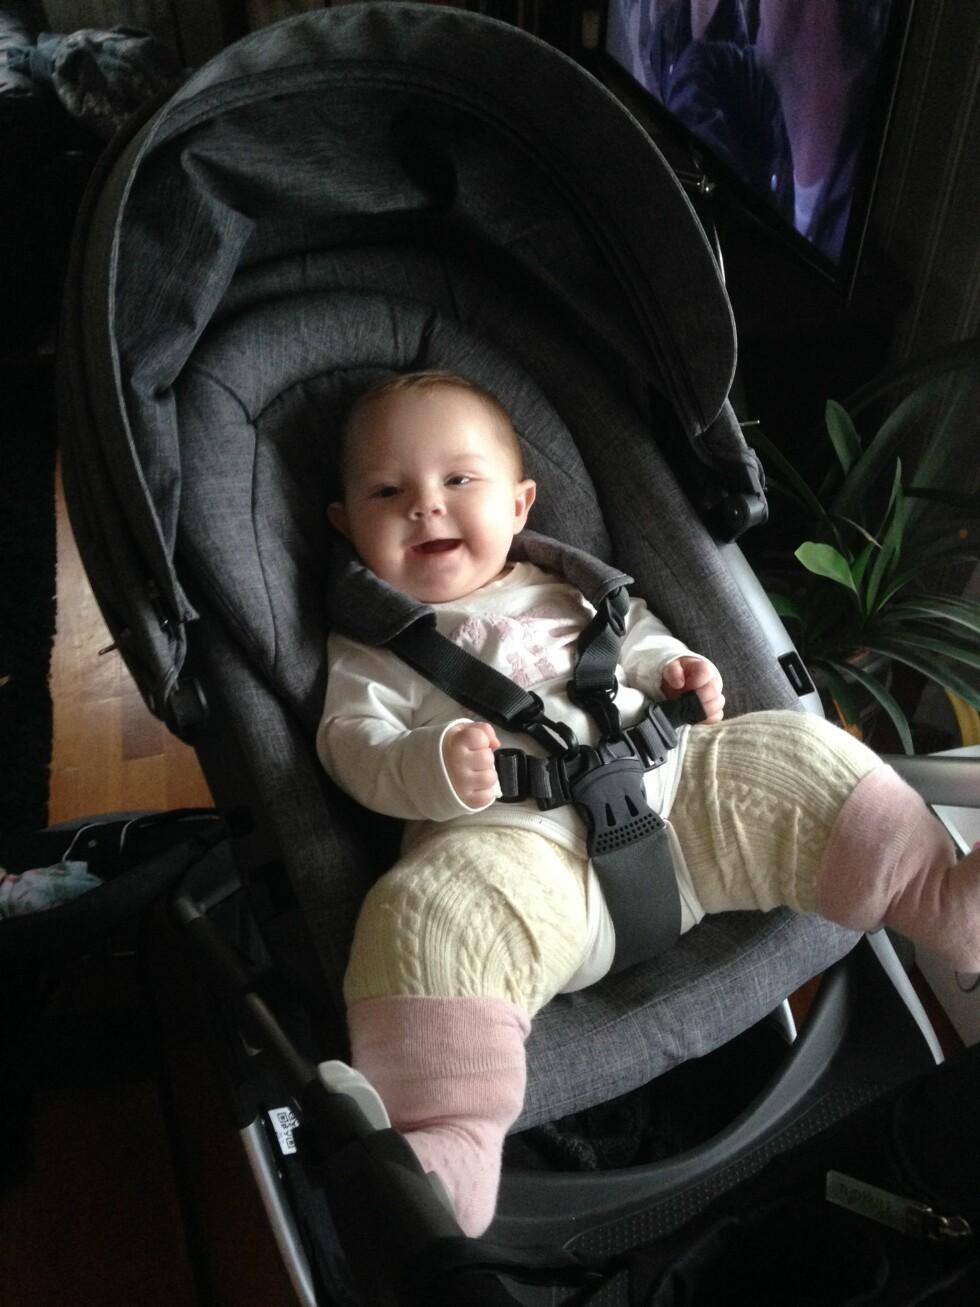 GIPSET FRA LIVET OG NED: Ny vogn og bilsete måtte kjøpes inn for at Mina skulle få sitte godt med bena ut til siden. Foto: Privat